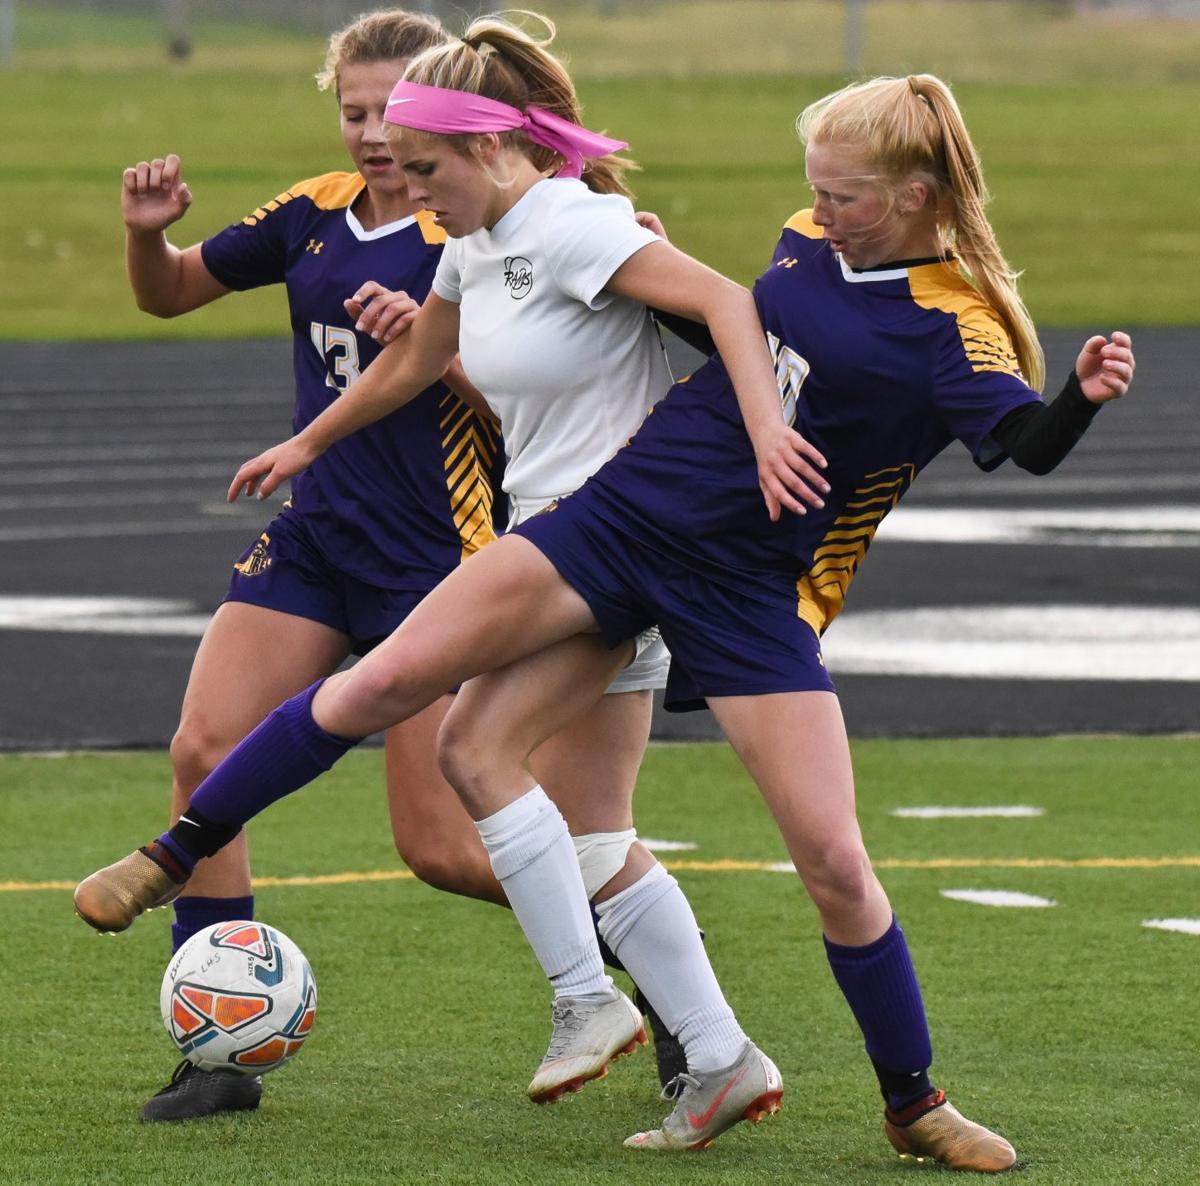 Central at Laurel girls soccer